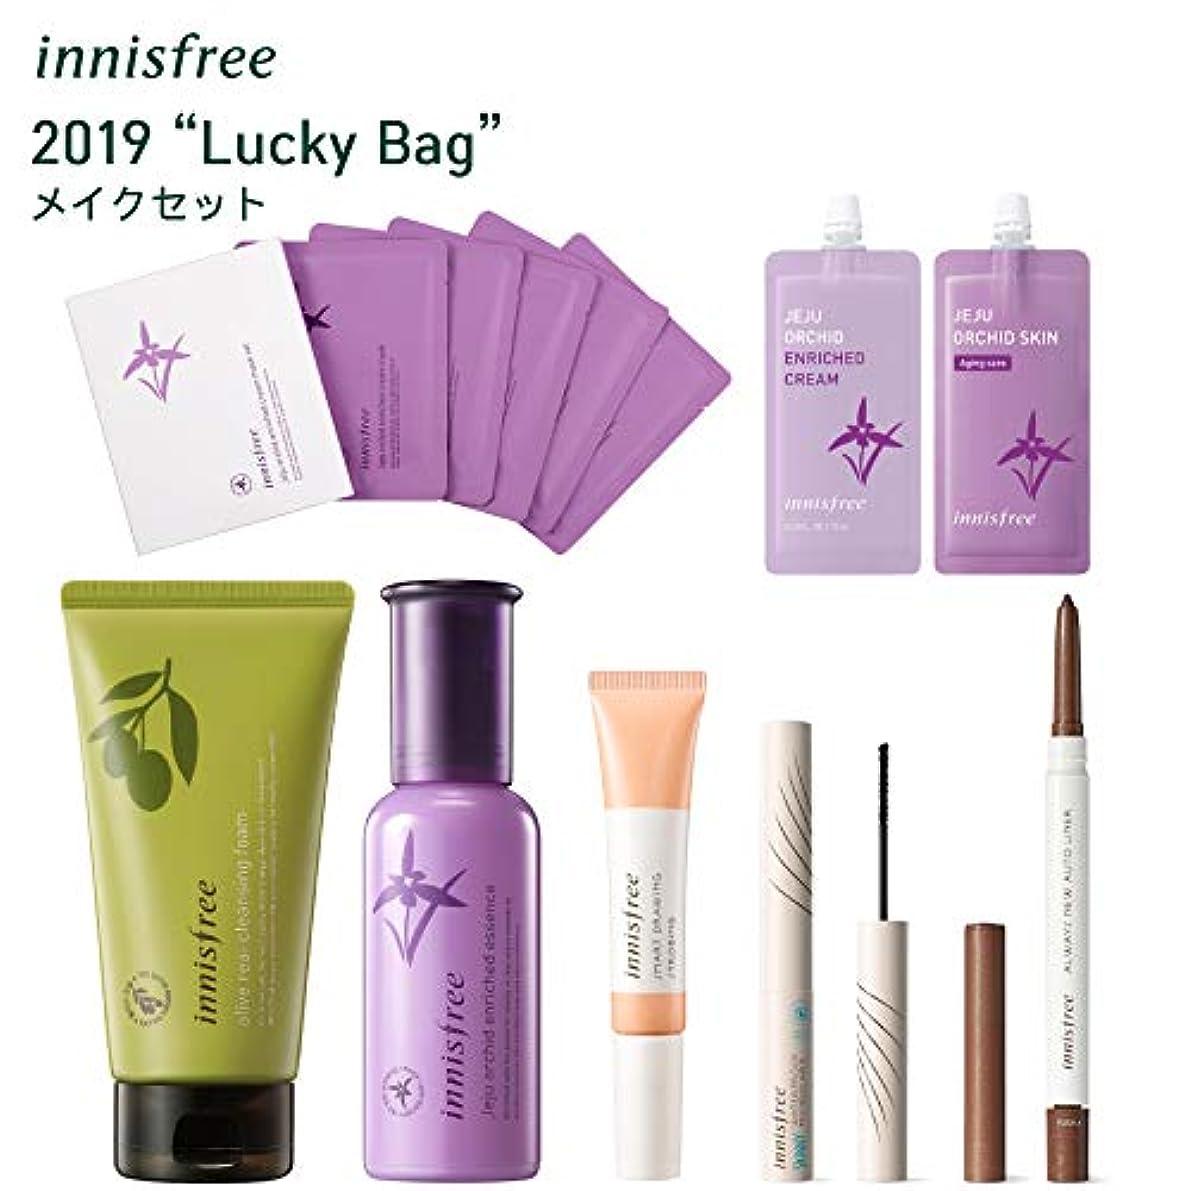 飢異常のぞき見【Amazon.co.jp 限定】イニスフリー日本公式(innisfree)Lucky Bag 2019(メイク)[福袋]